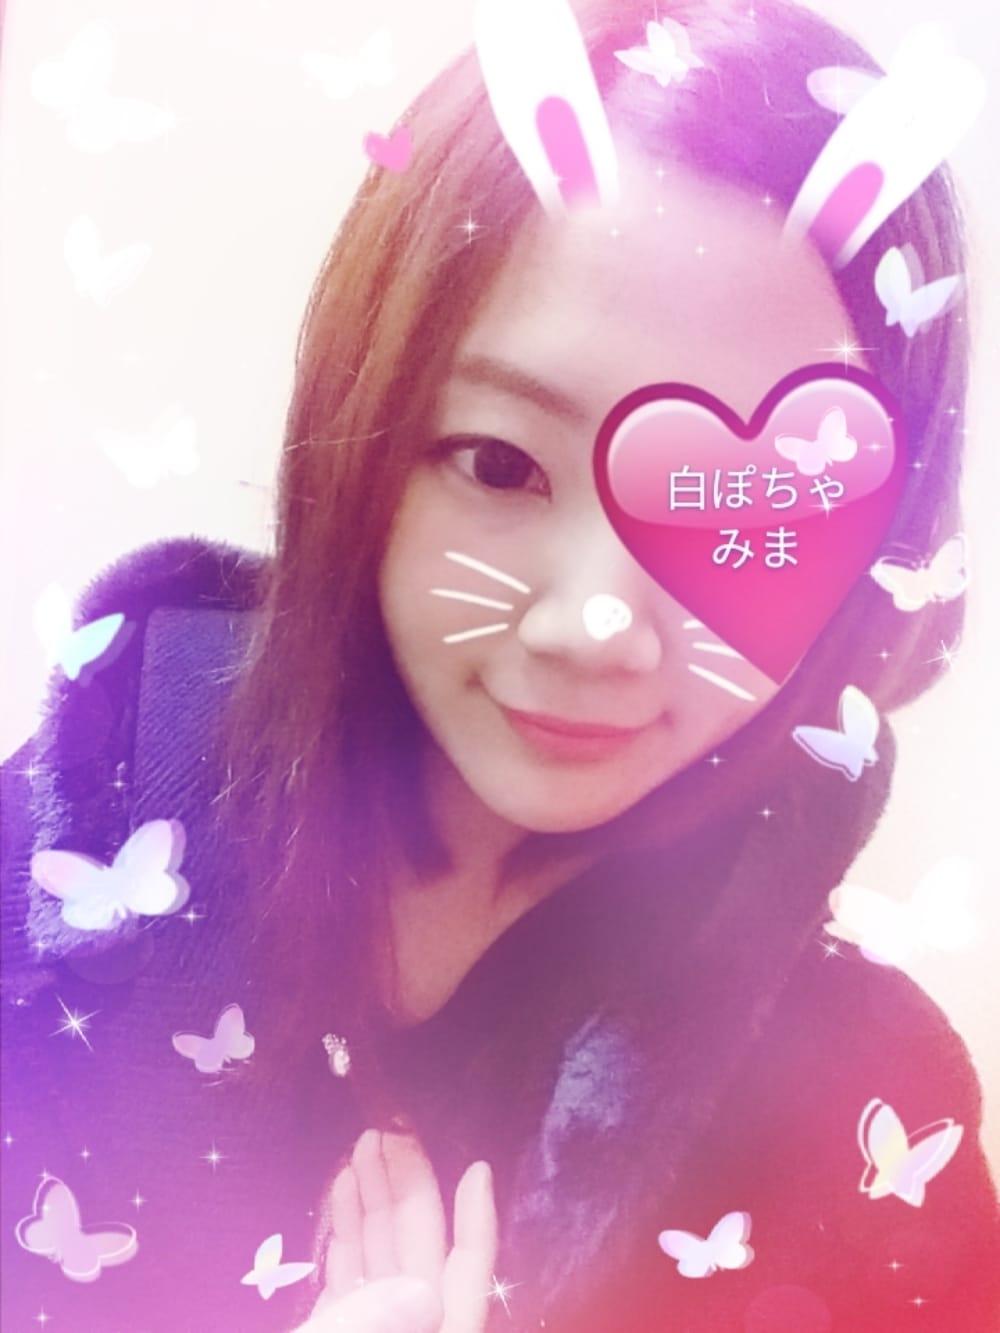 「お礼!」01/21(日) 02:53 | みまの写メ・風俗動画